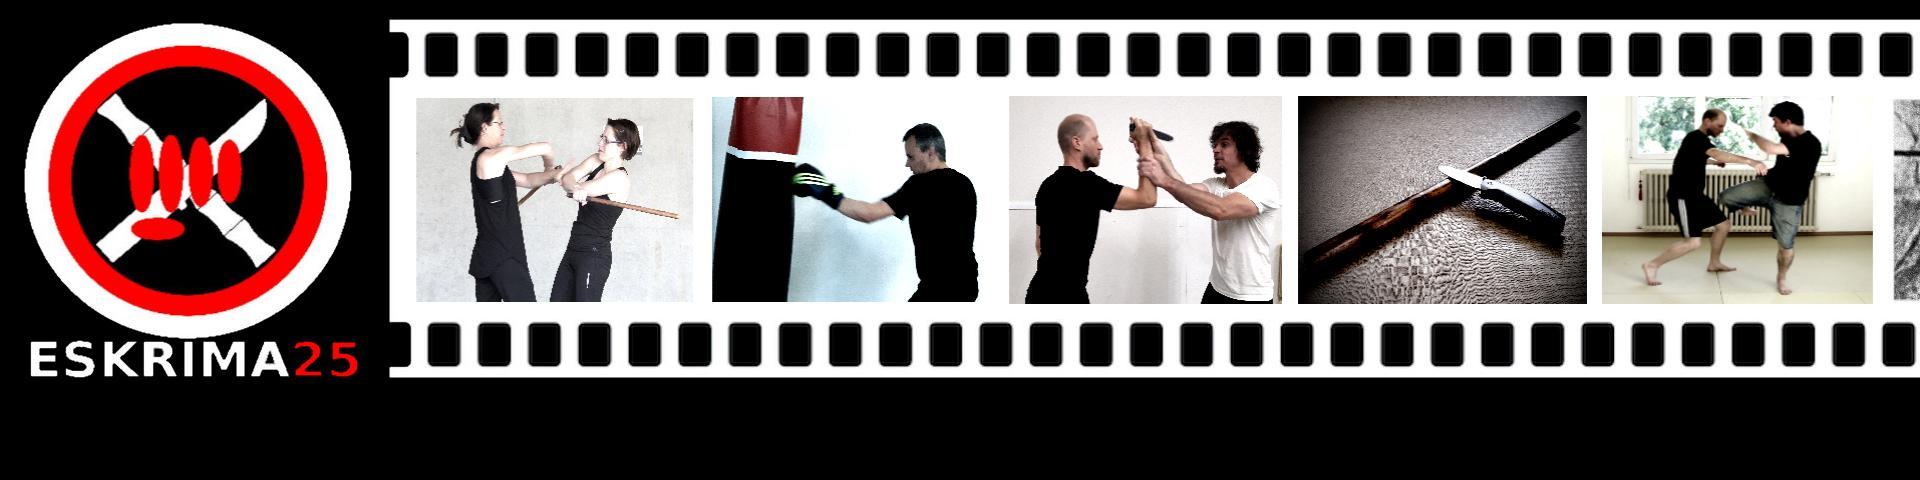 Développez vos réflexes, fluidité, combativité!